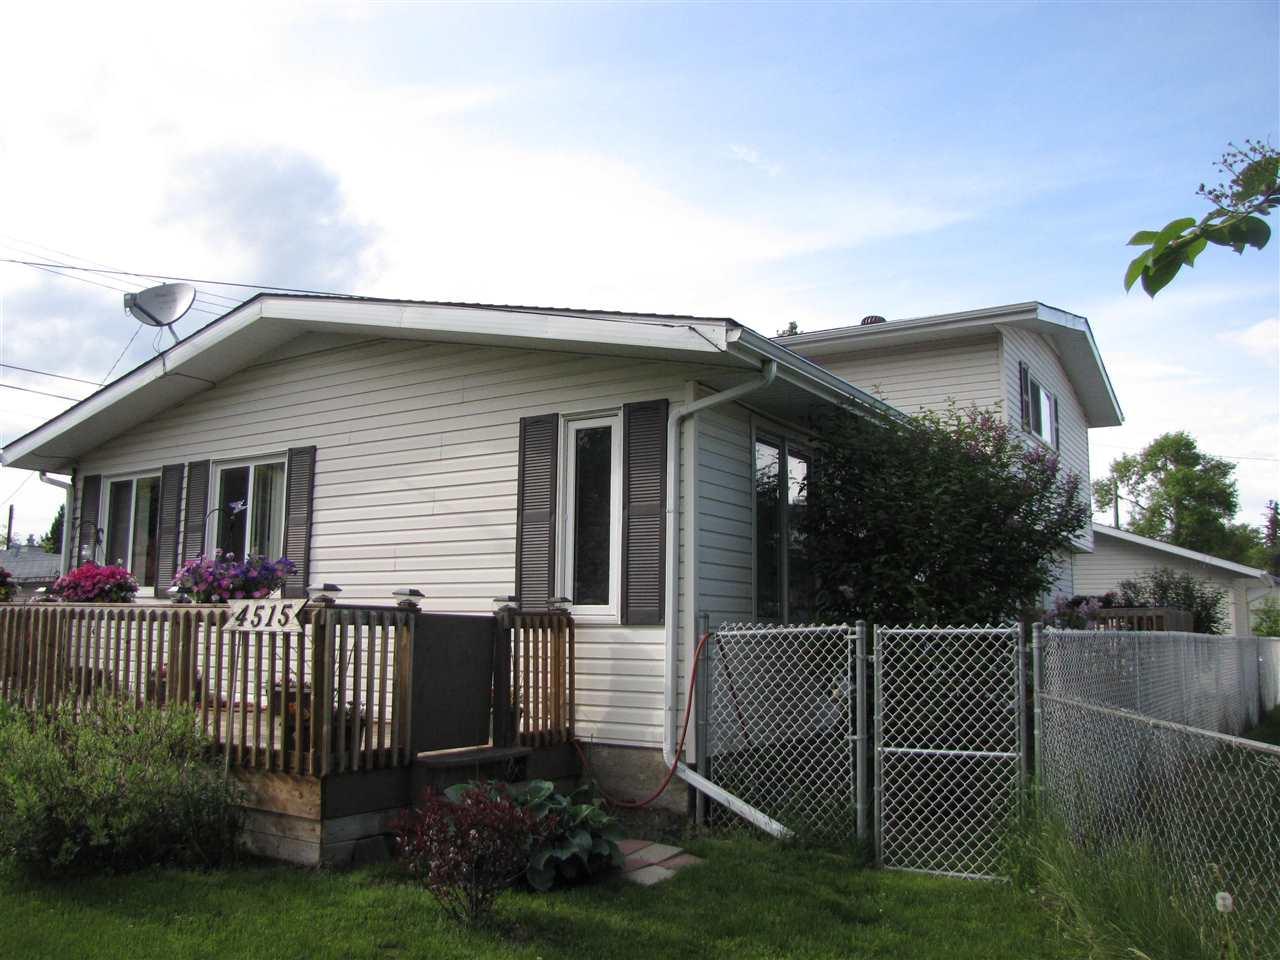 4515 44 Street, Rural Lac Ste. Anne County, MLS® # E4160728